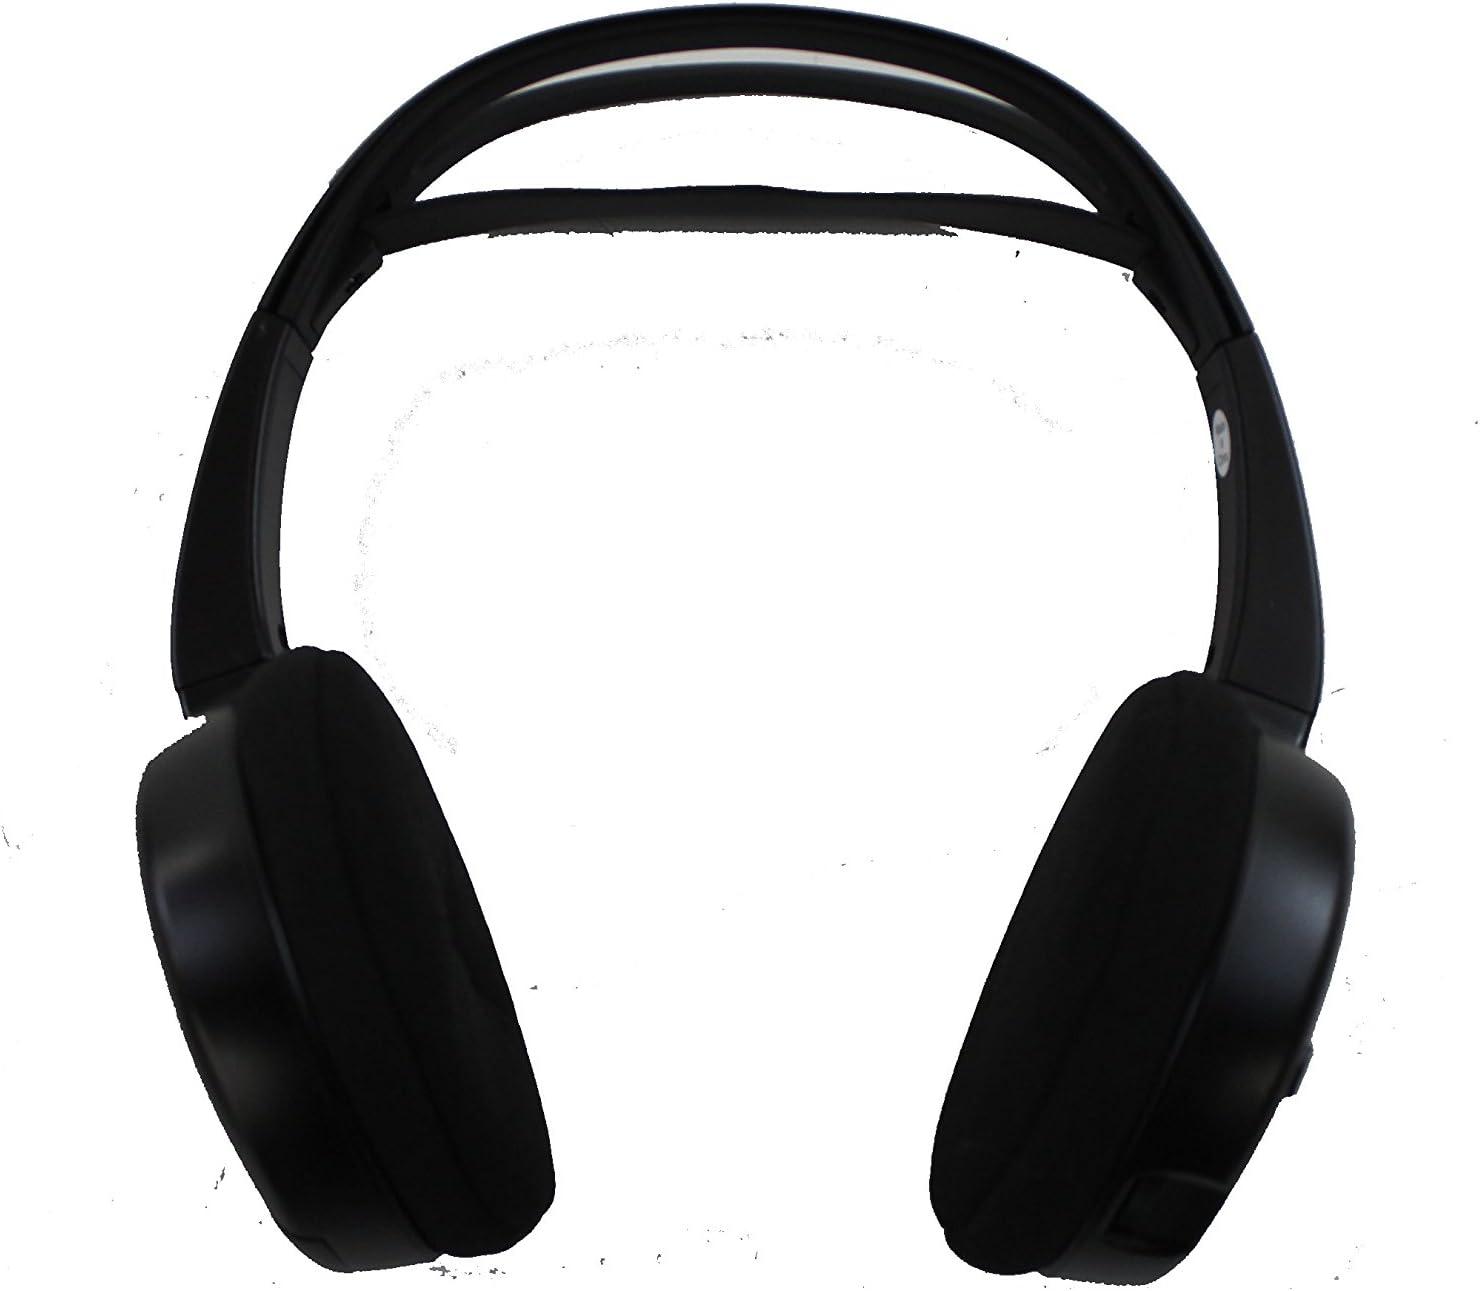 Premium 2012 Toyota Tundra Wireless Headphone